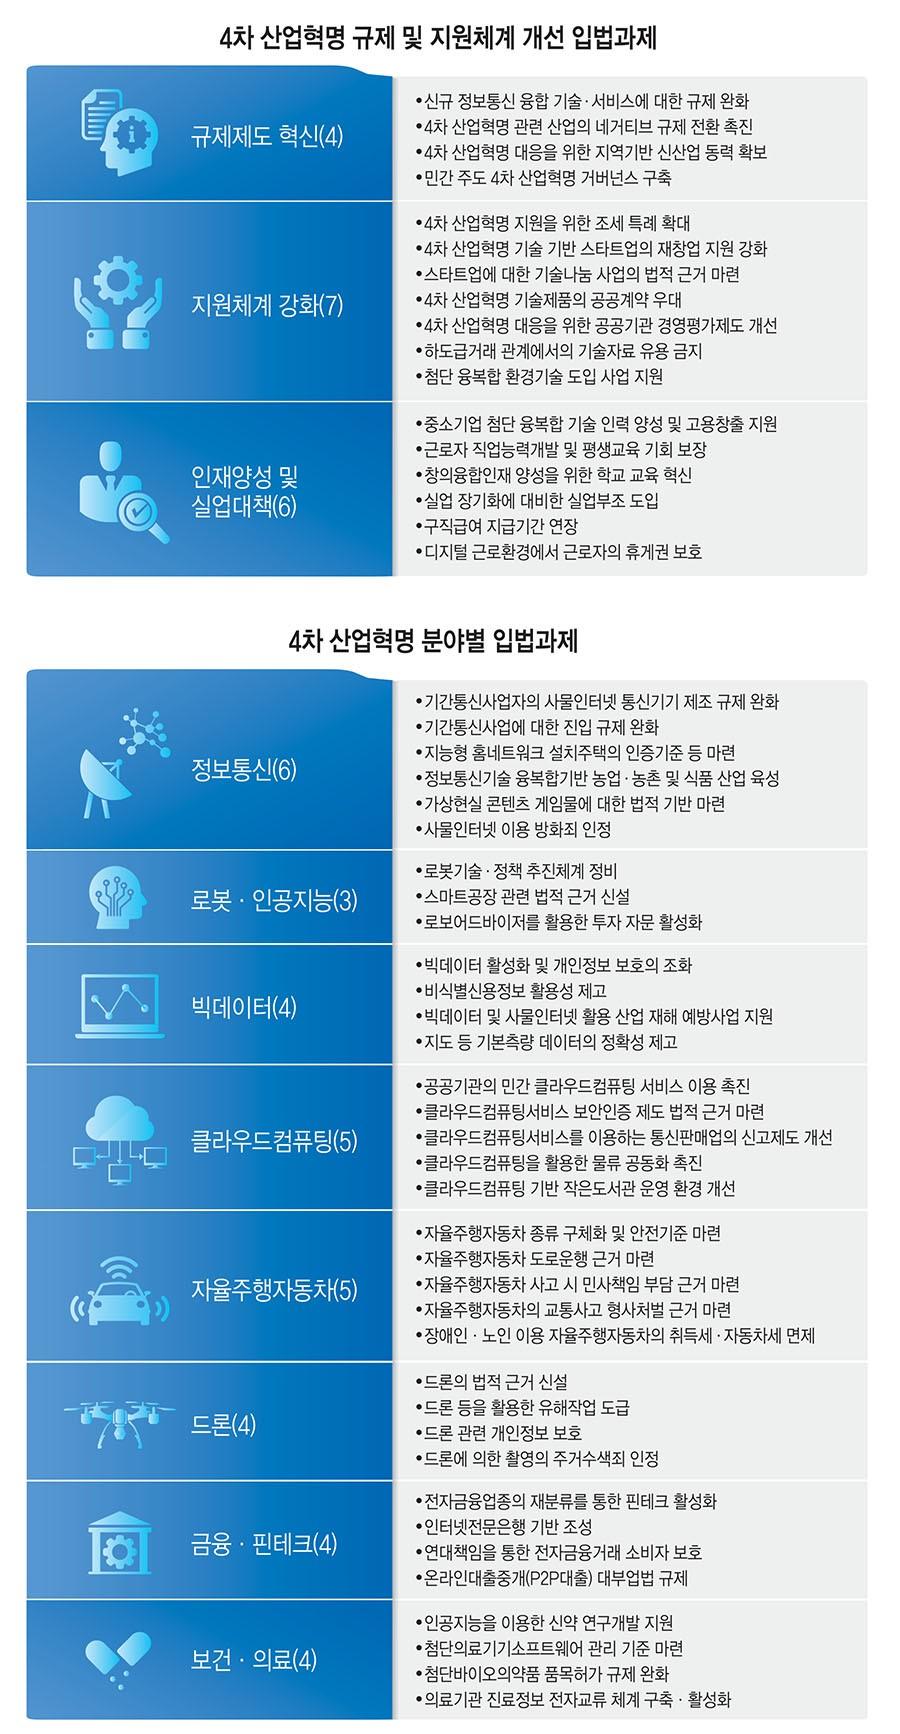 [이슈분석]4차 산업혁명 입법과제, 스타트업·혁신 서비스 '나침반'